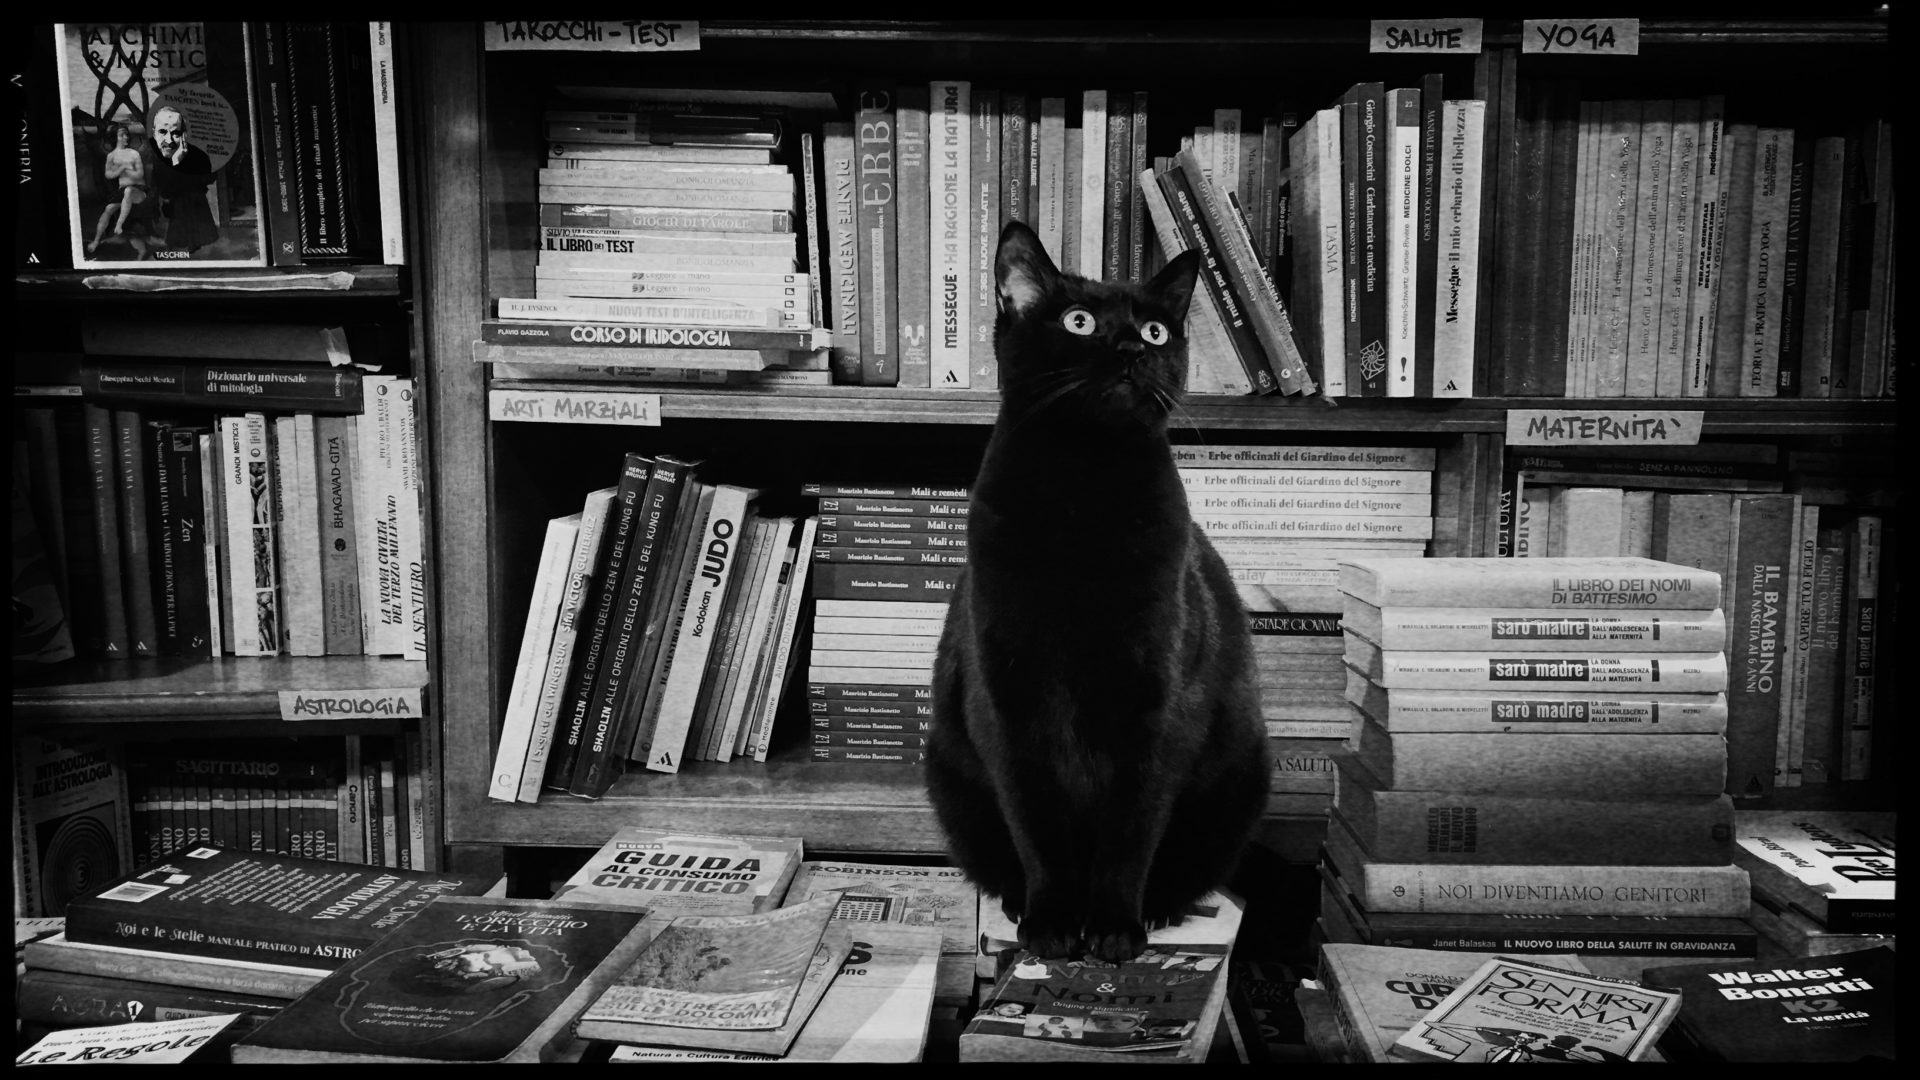 Schwarze Katze in einer Buchhandlung in Venedig